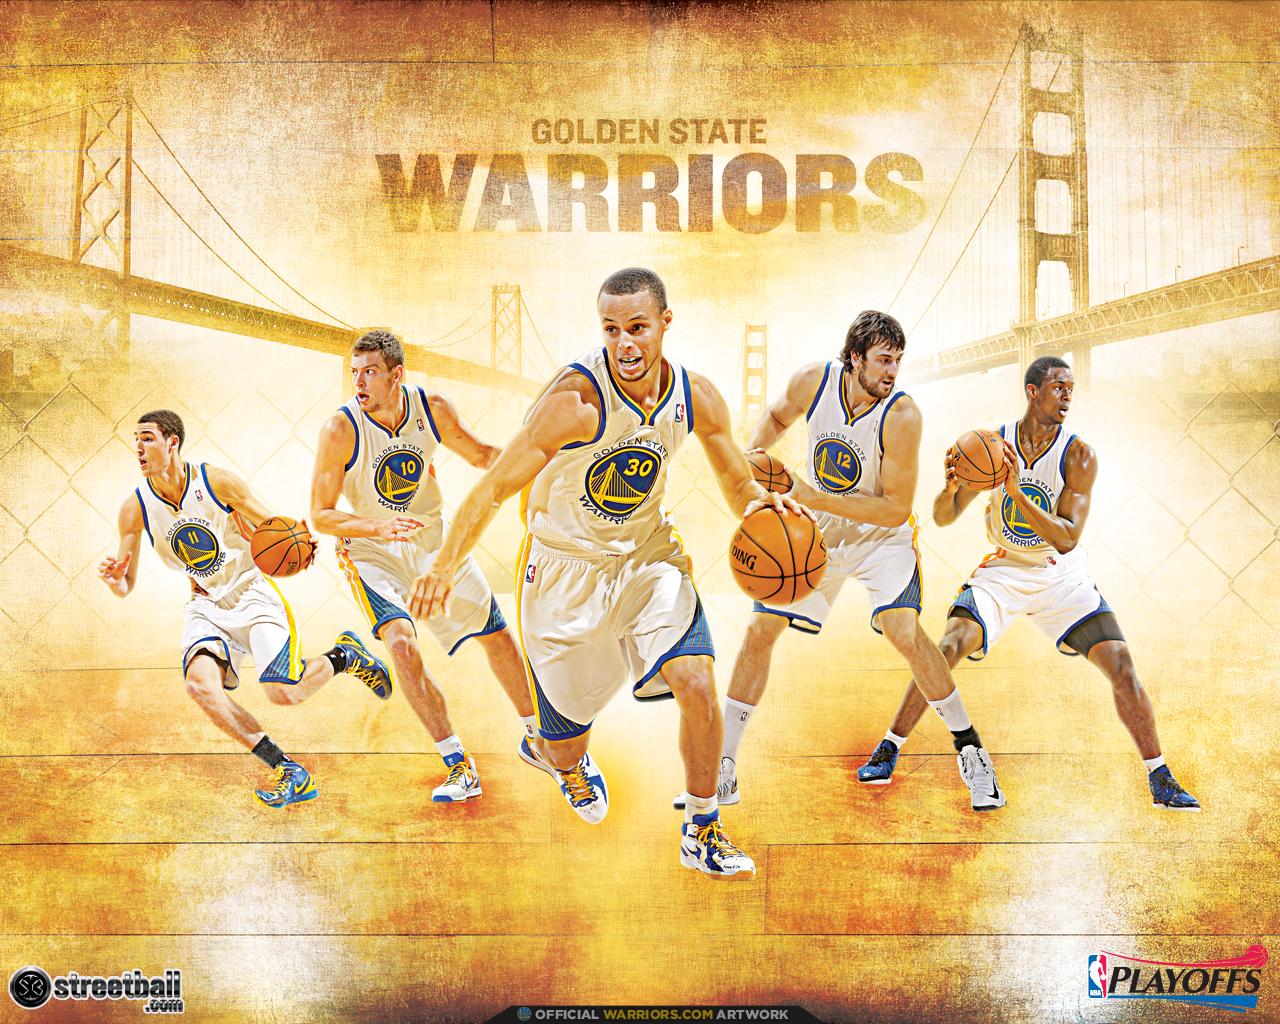 1000+ ideas about Warriors Wallpaper on Pinterest | Golden state